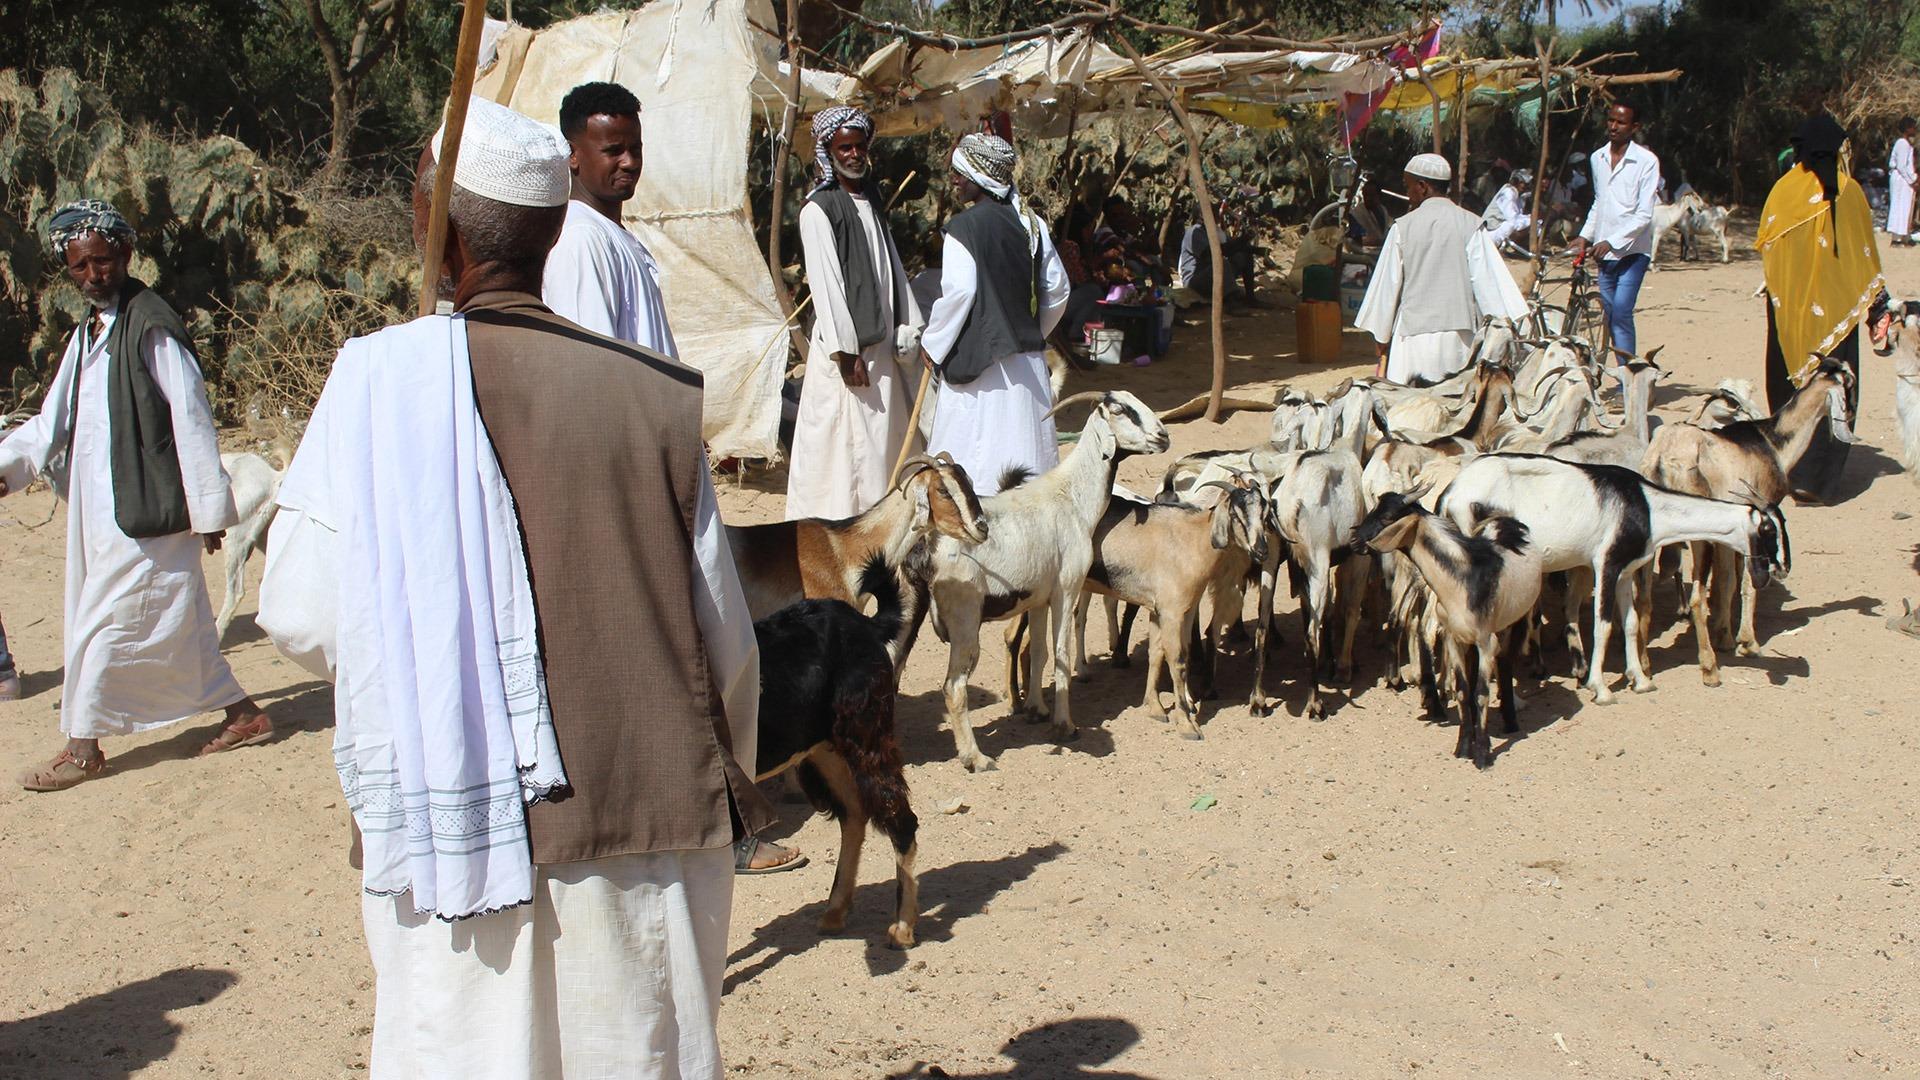 Goat herders at the market in Keren, Eritrea